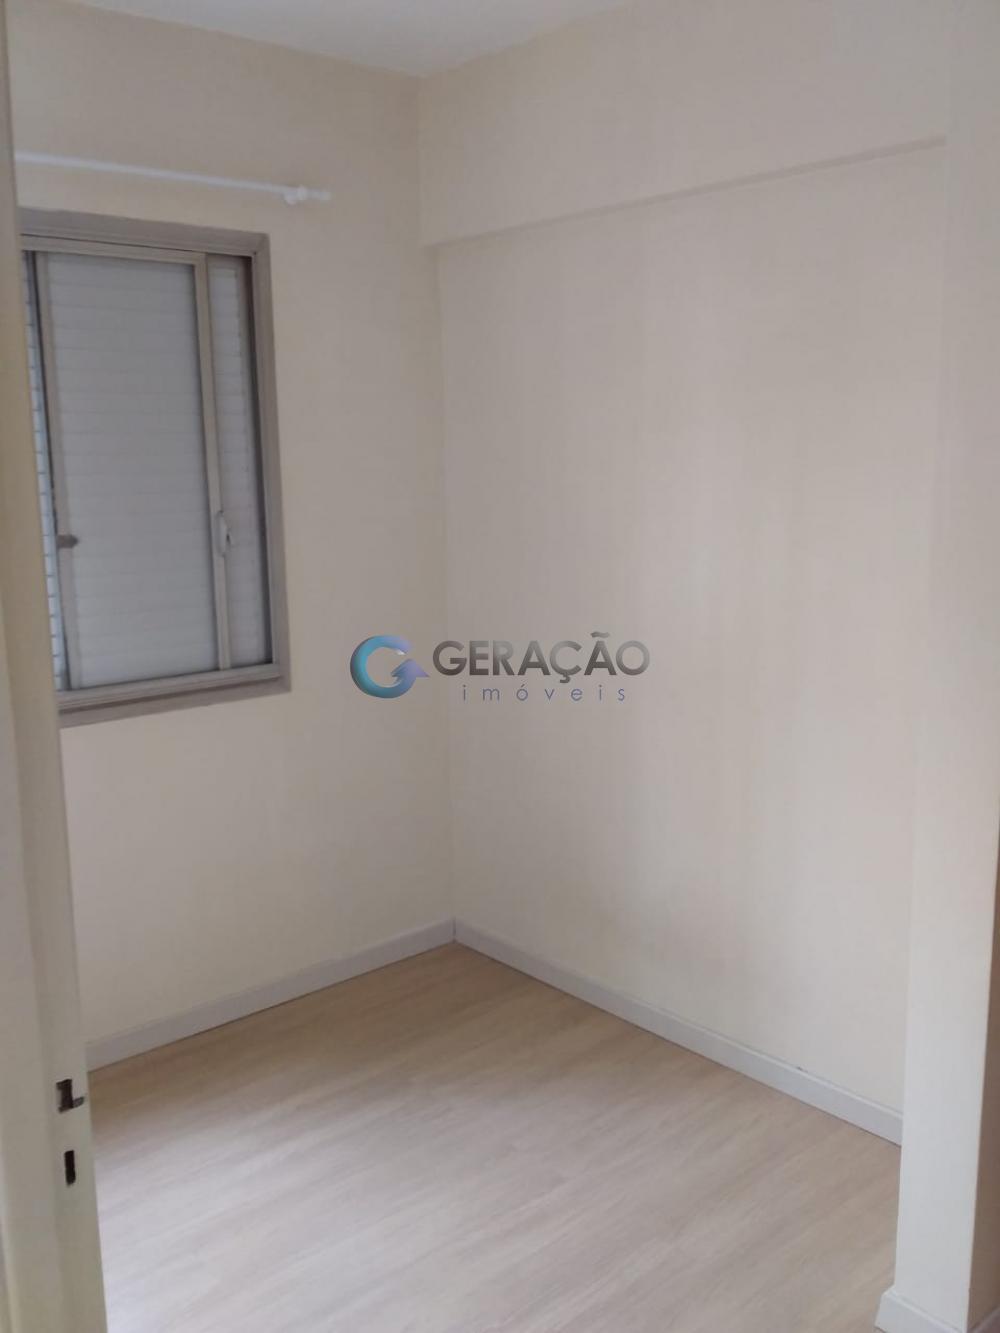 Comprar Apartamento / Padrão em São José dos Campos apenas R$ 295.000,00 - Foto 5